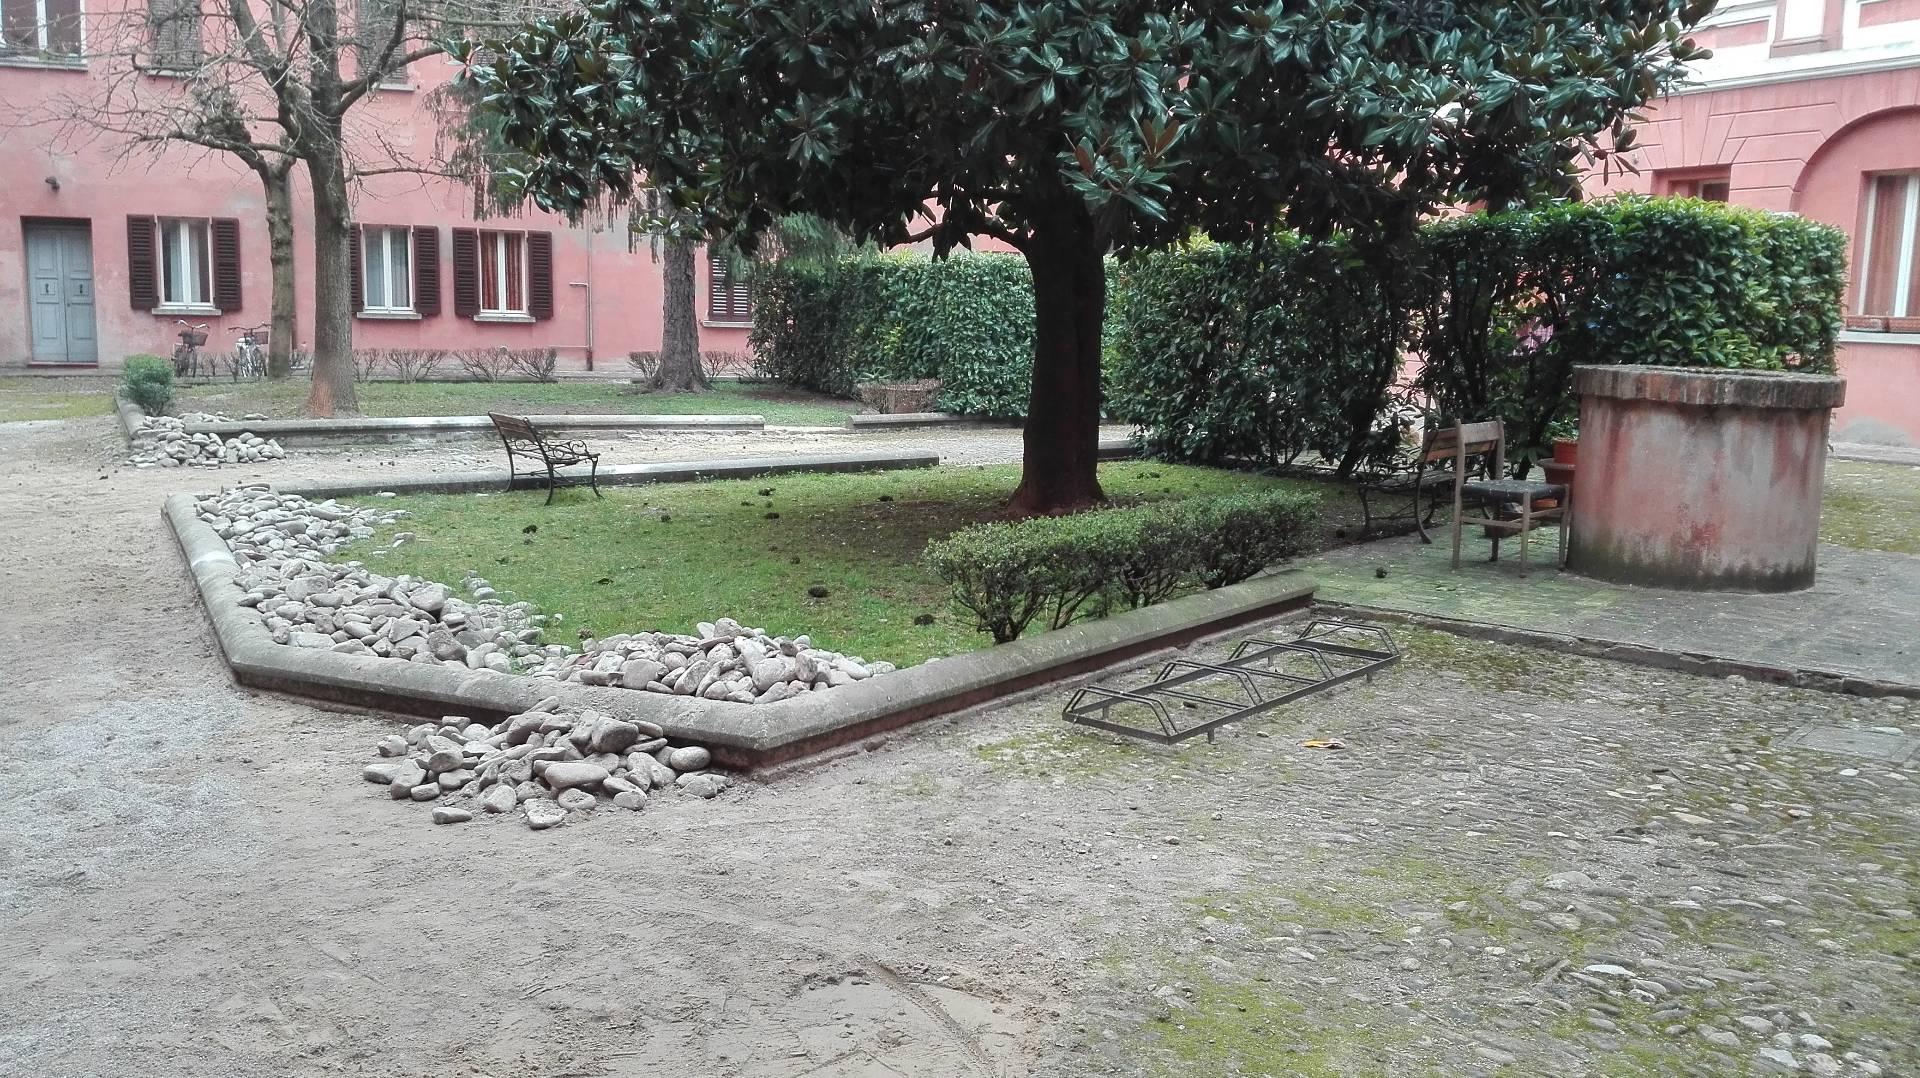 Appartamento in vendita a Bagnacavallo, 4 locali, zona Località: centro, prezzo € 70.000 | CambioCasa.it